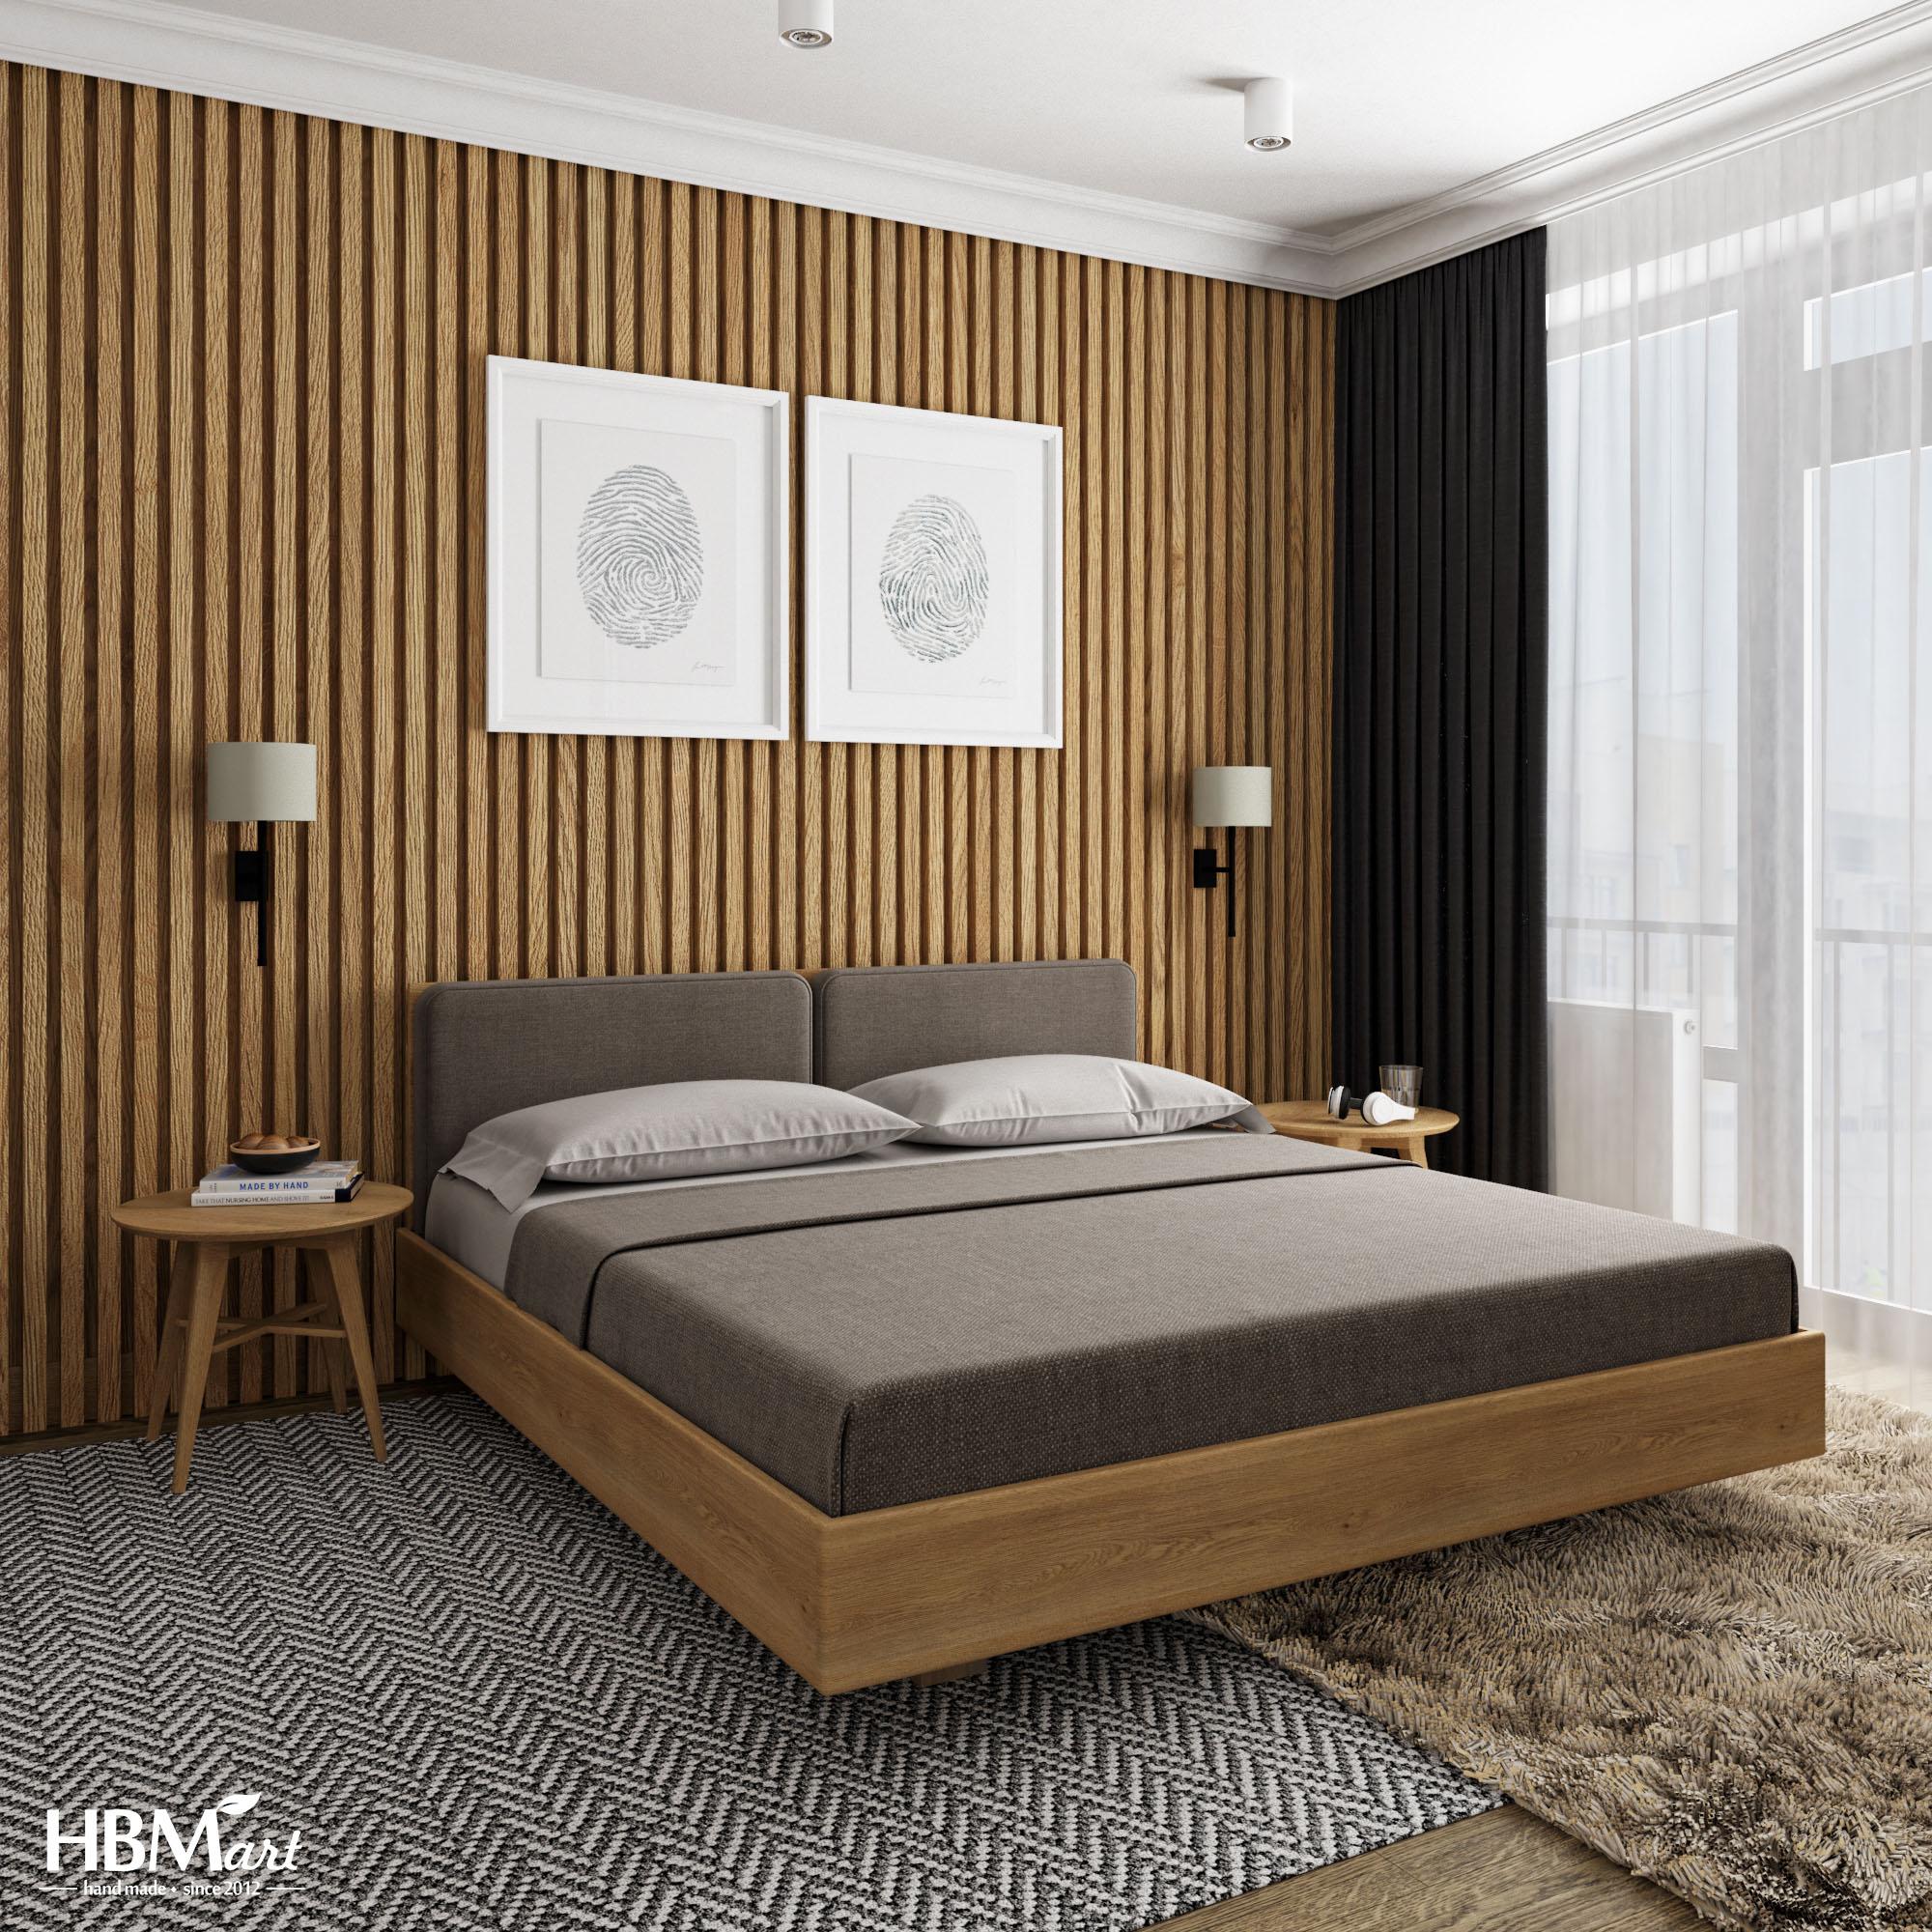 Ліжко MINIMAL-II з приліжовими тумбами KOLO-S від HBMart з натурального дуба